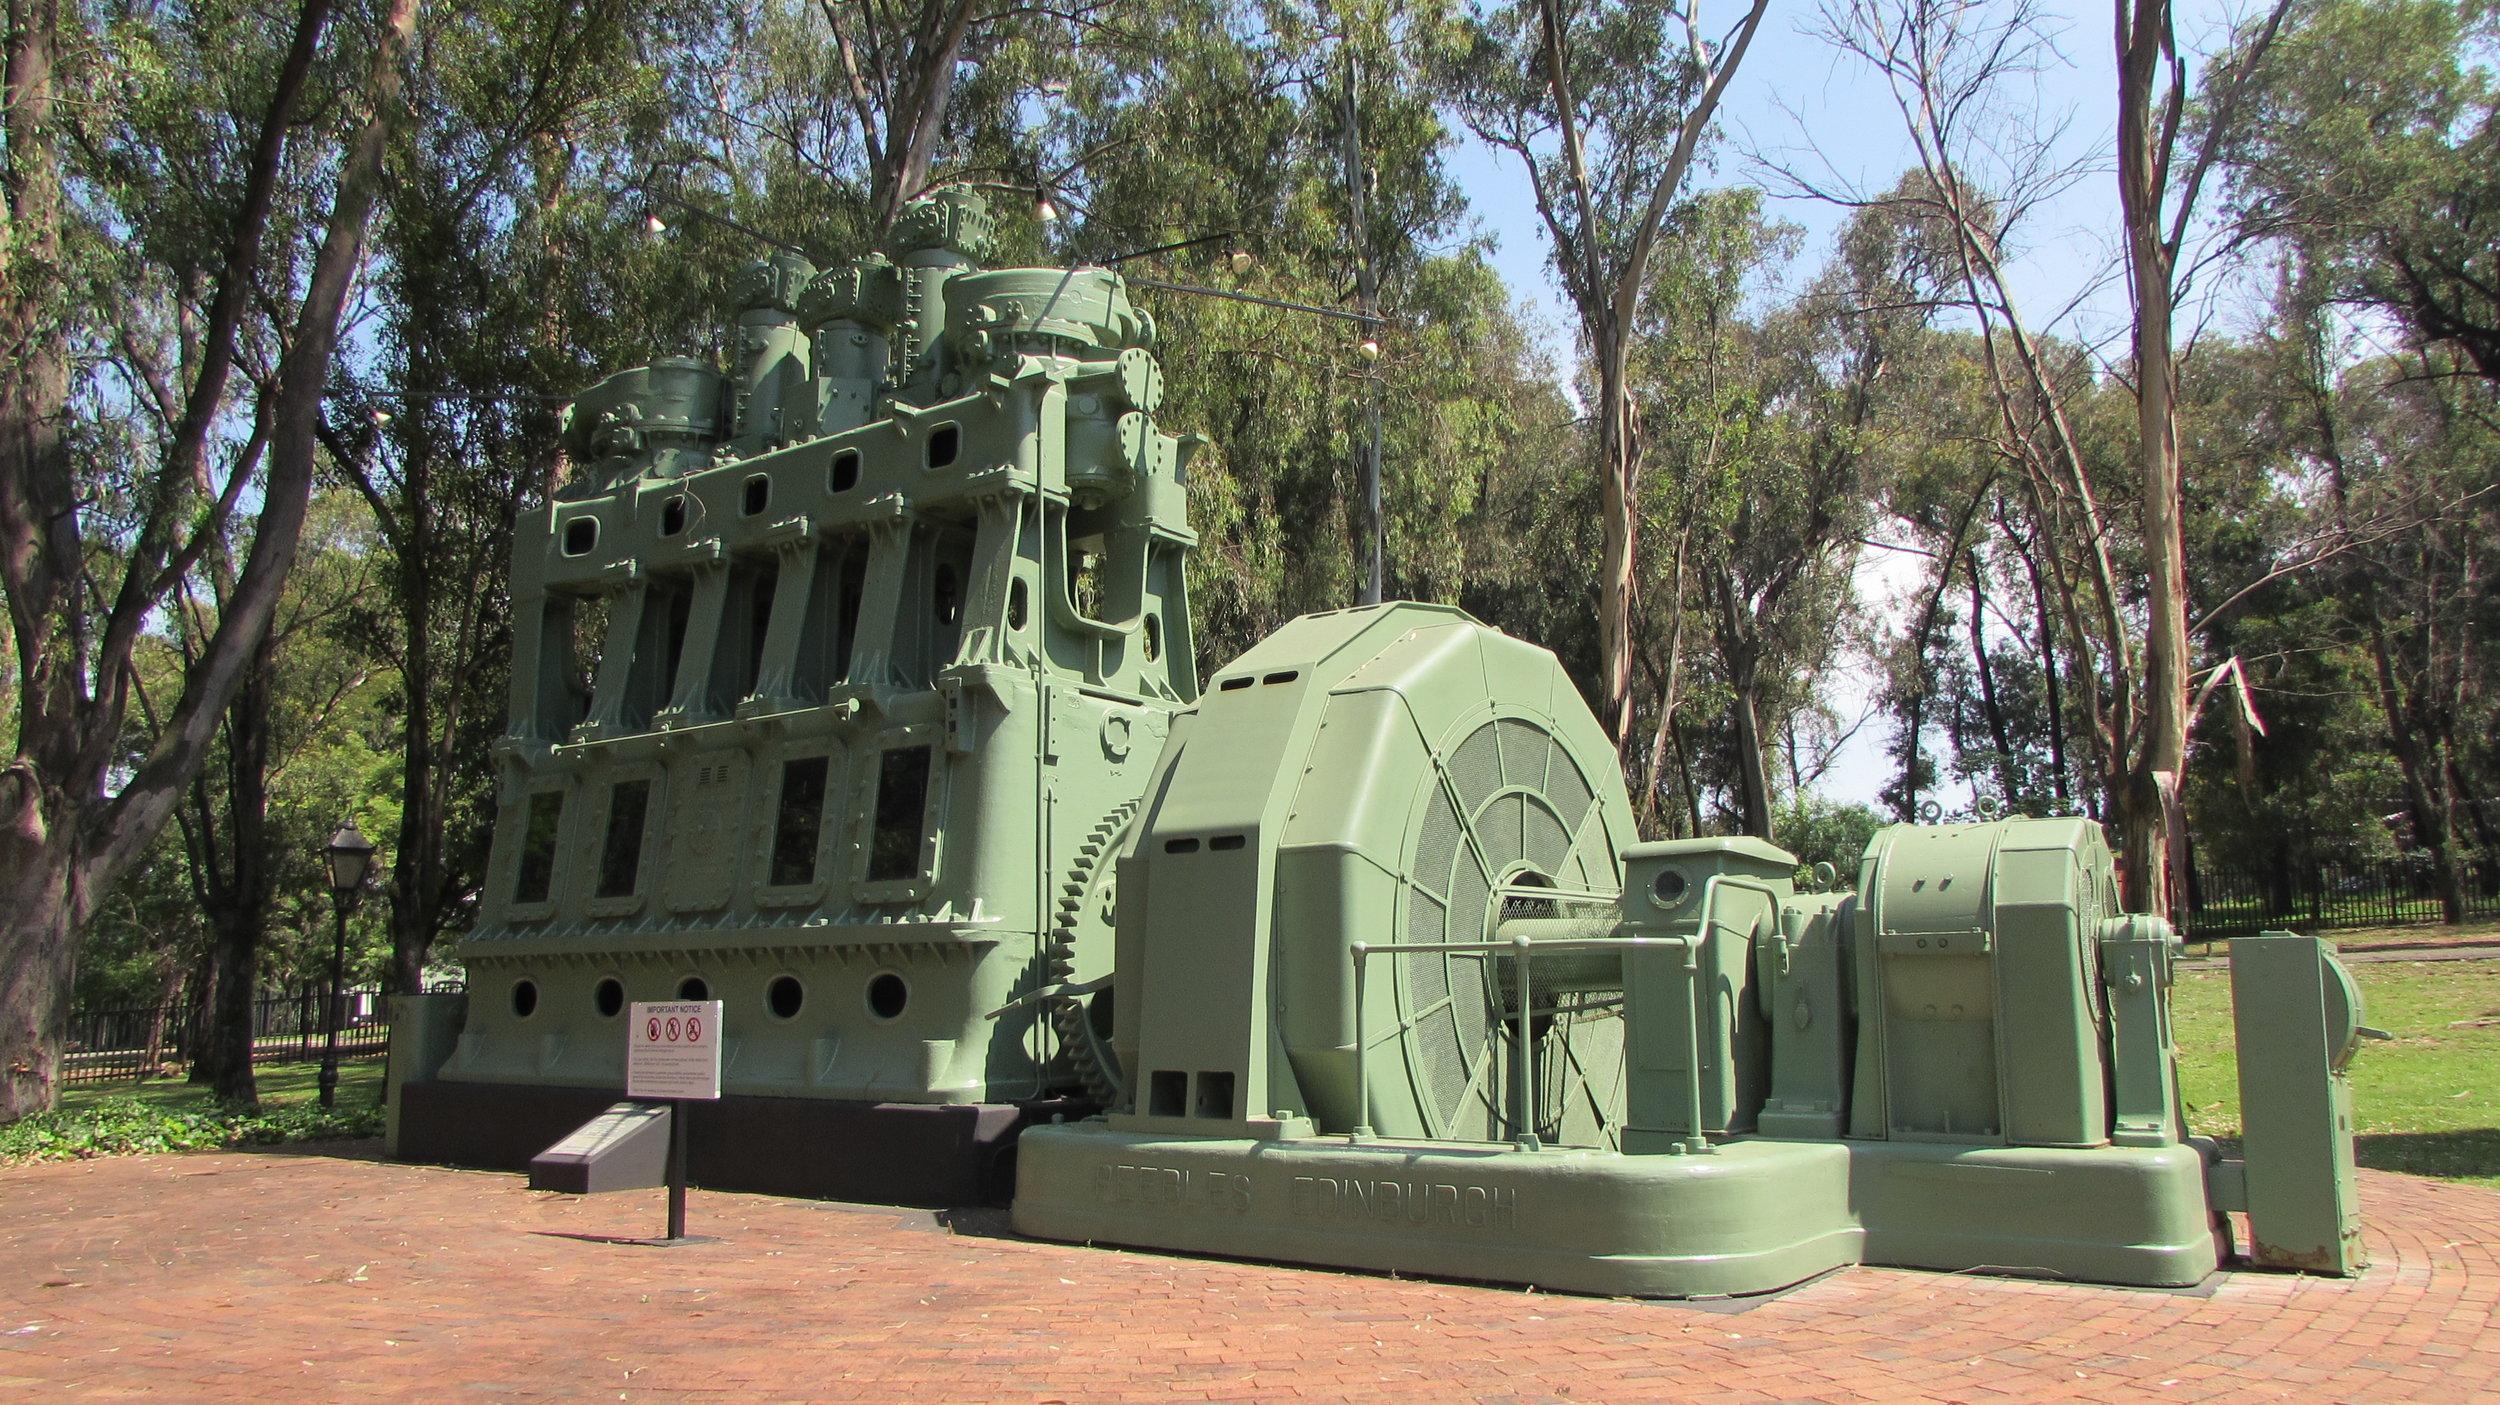 Ammonia 2 compressor